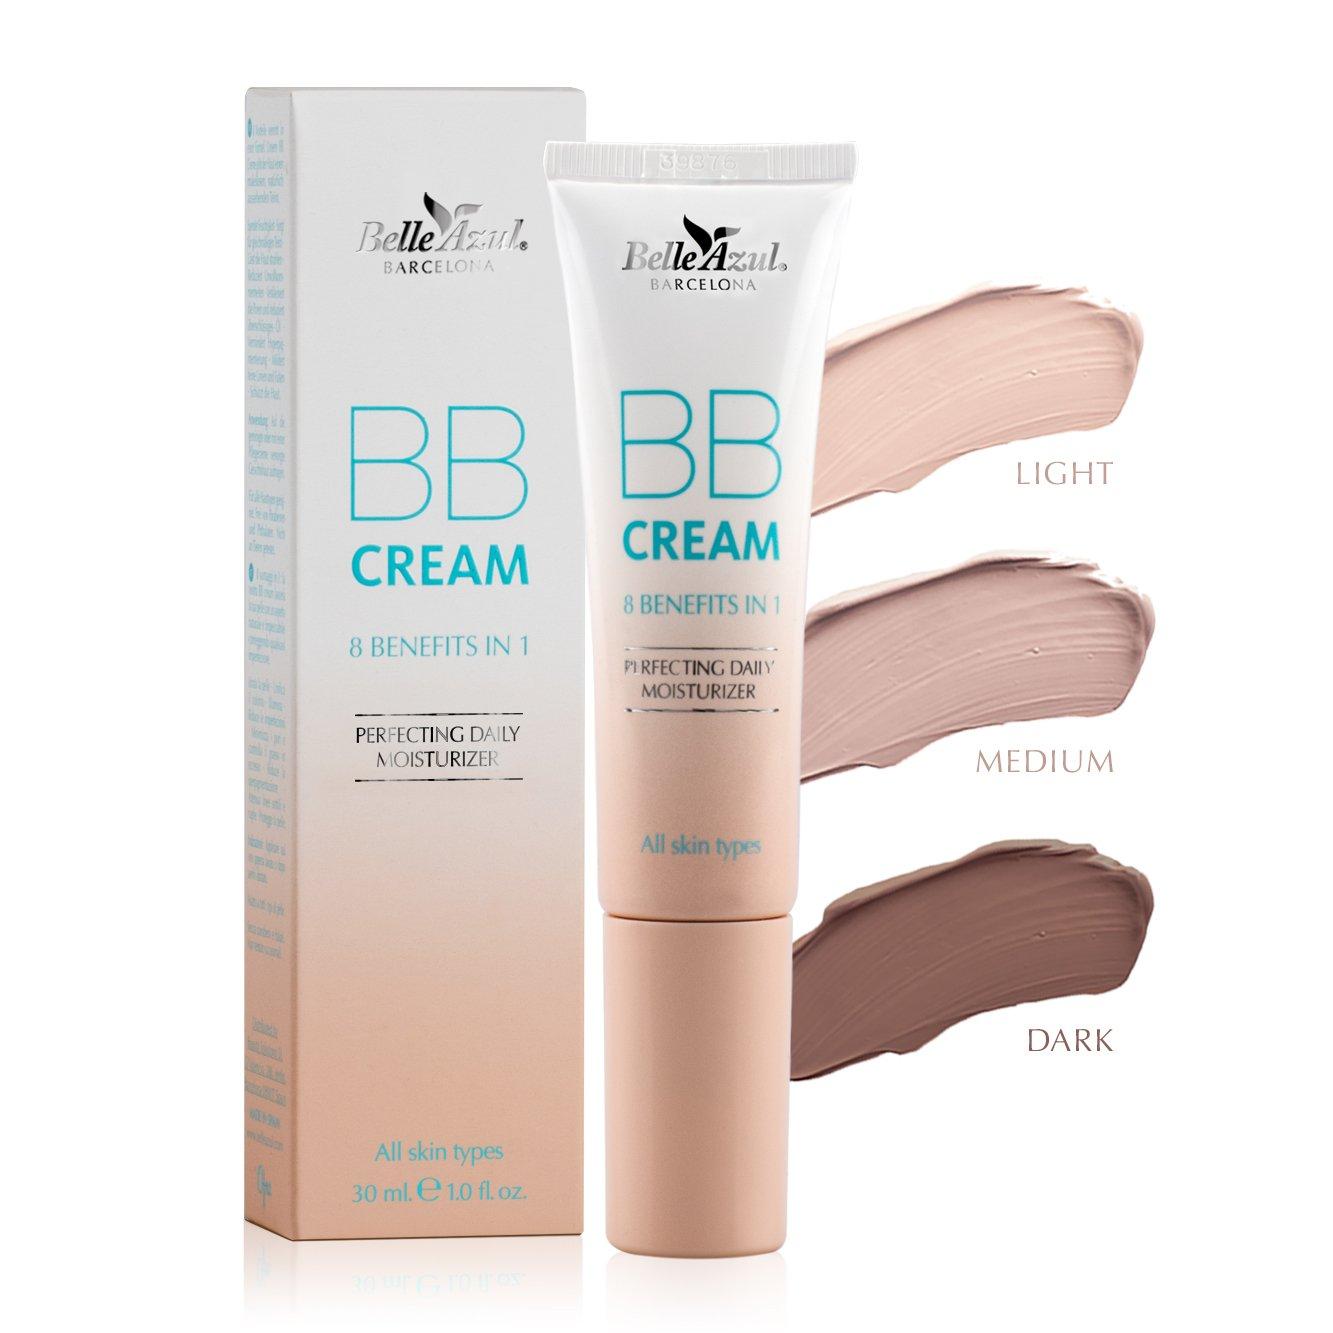 Belle Azul BB Cream 8-in-1 Beautifying Balm Moisturizer in Light 30 ml./ 1.0 fl.oz. Simon&Tom